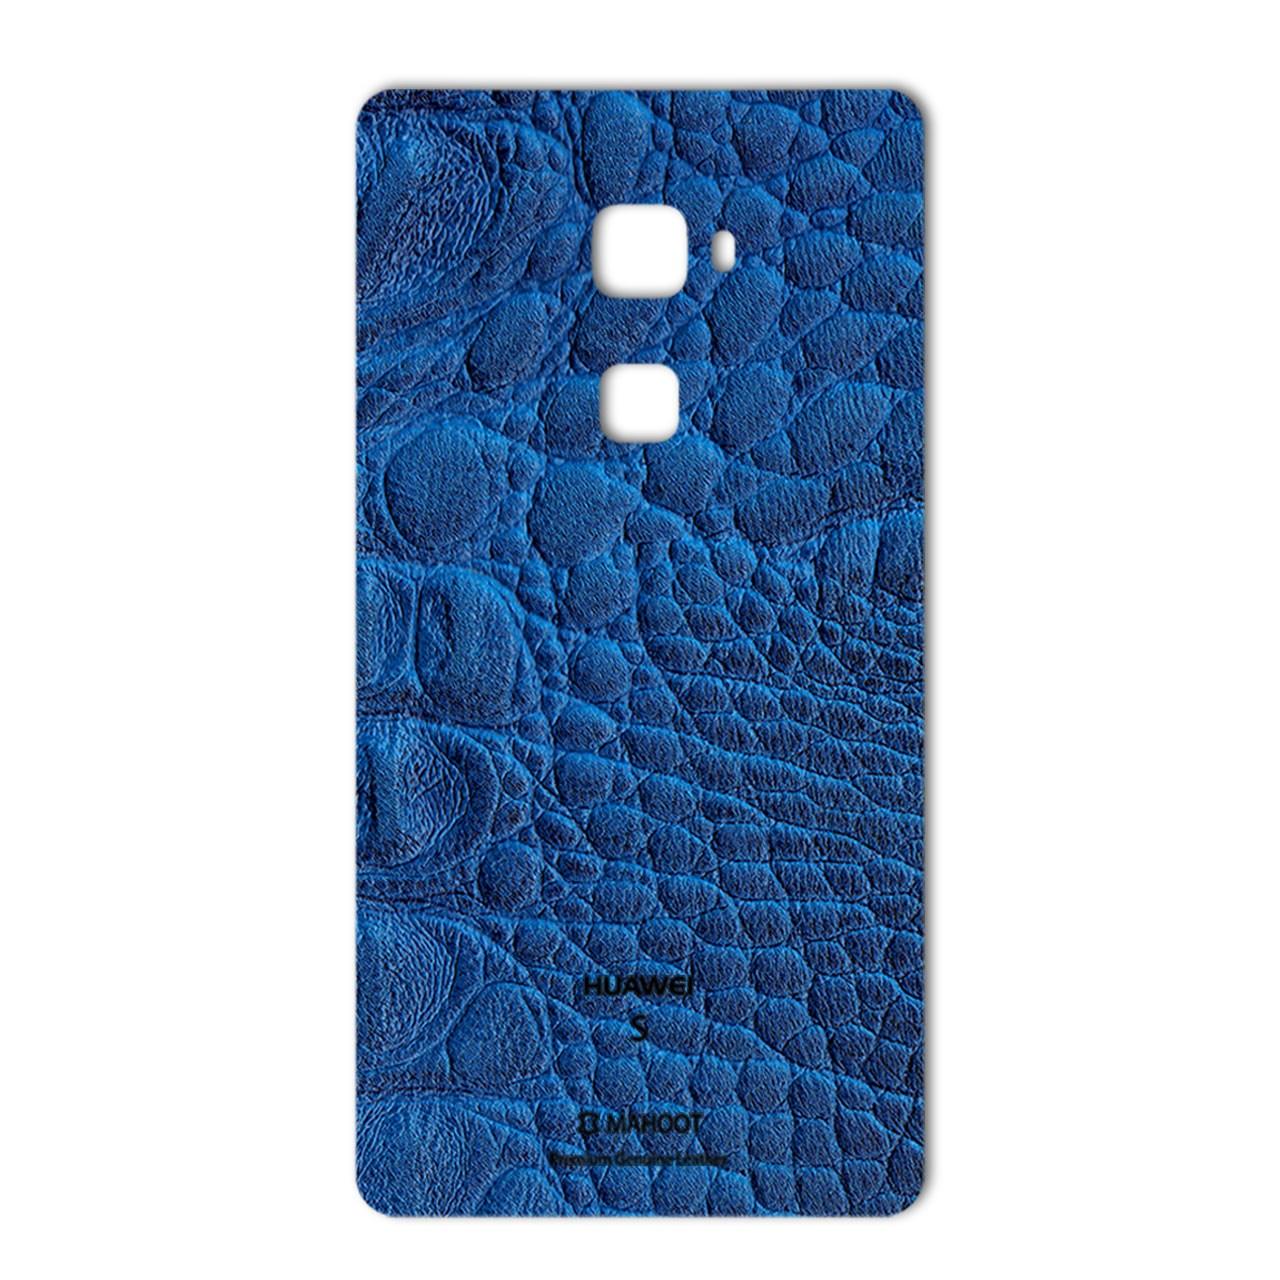 برچسب پوششی ماهوت مدل Crocodile Leather مناسب برای گوشی  Huawei Mate S